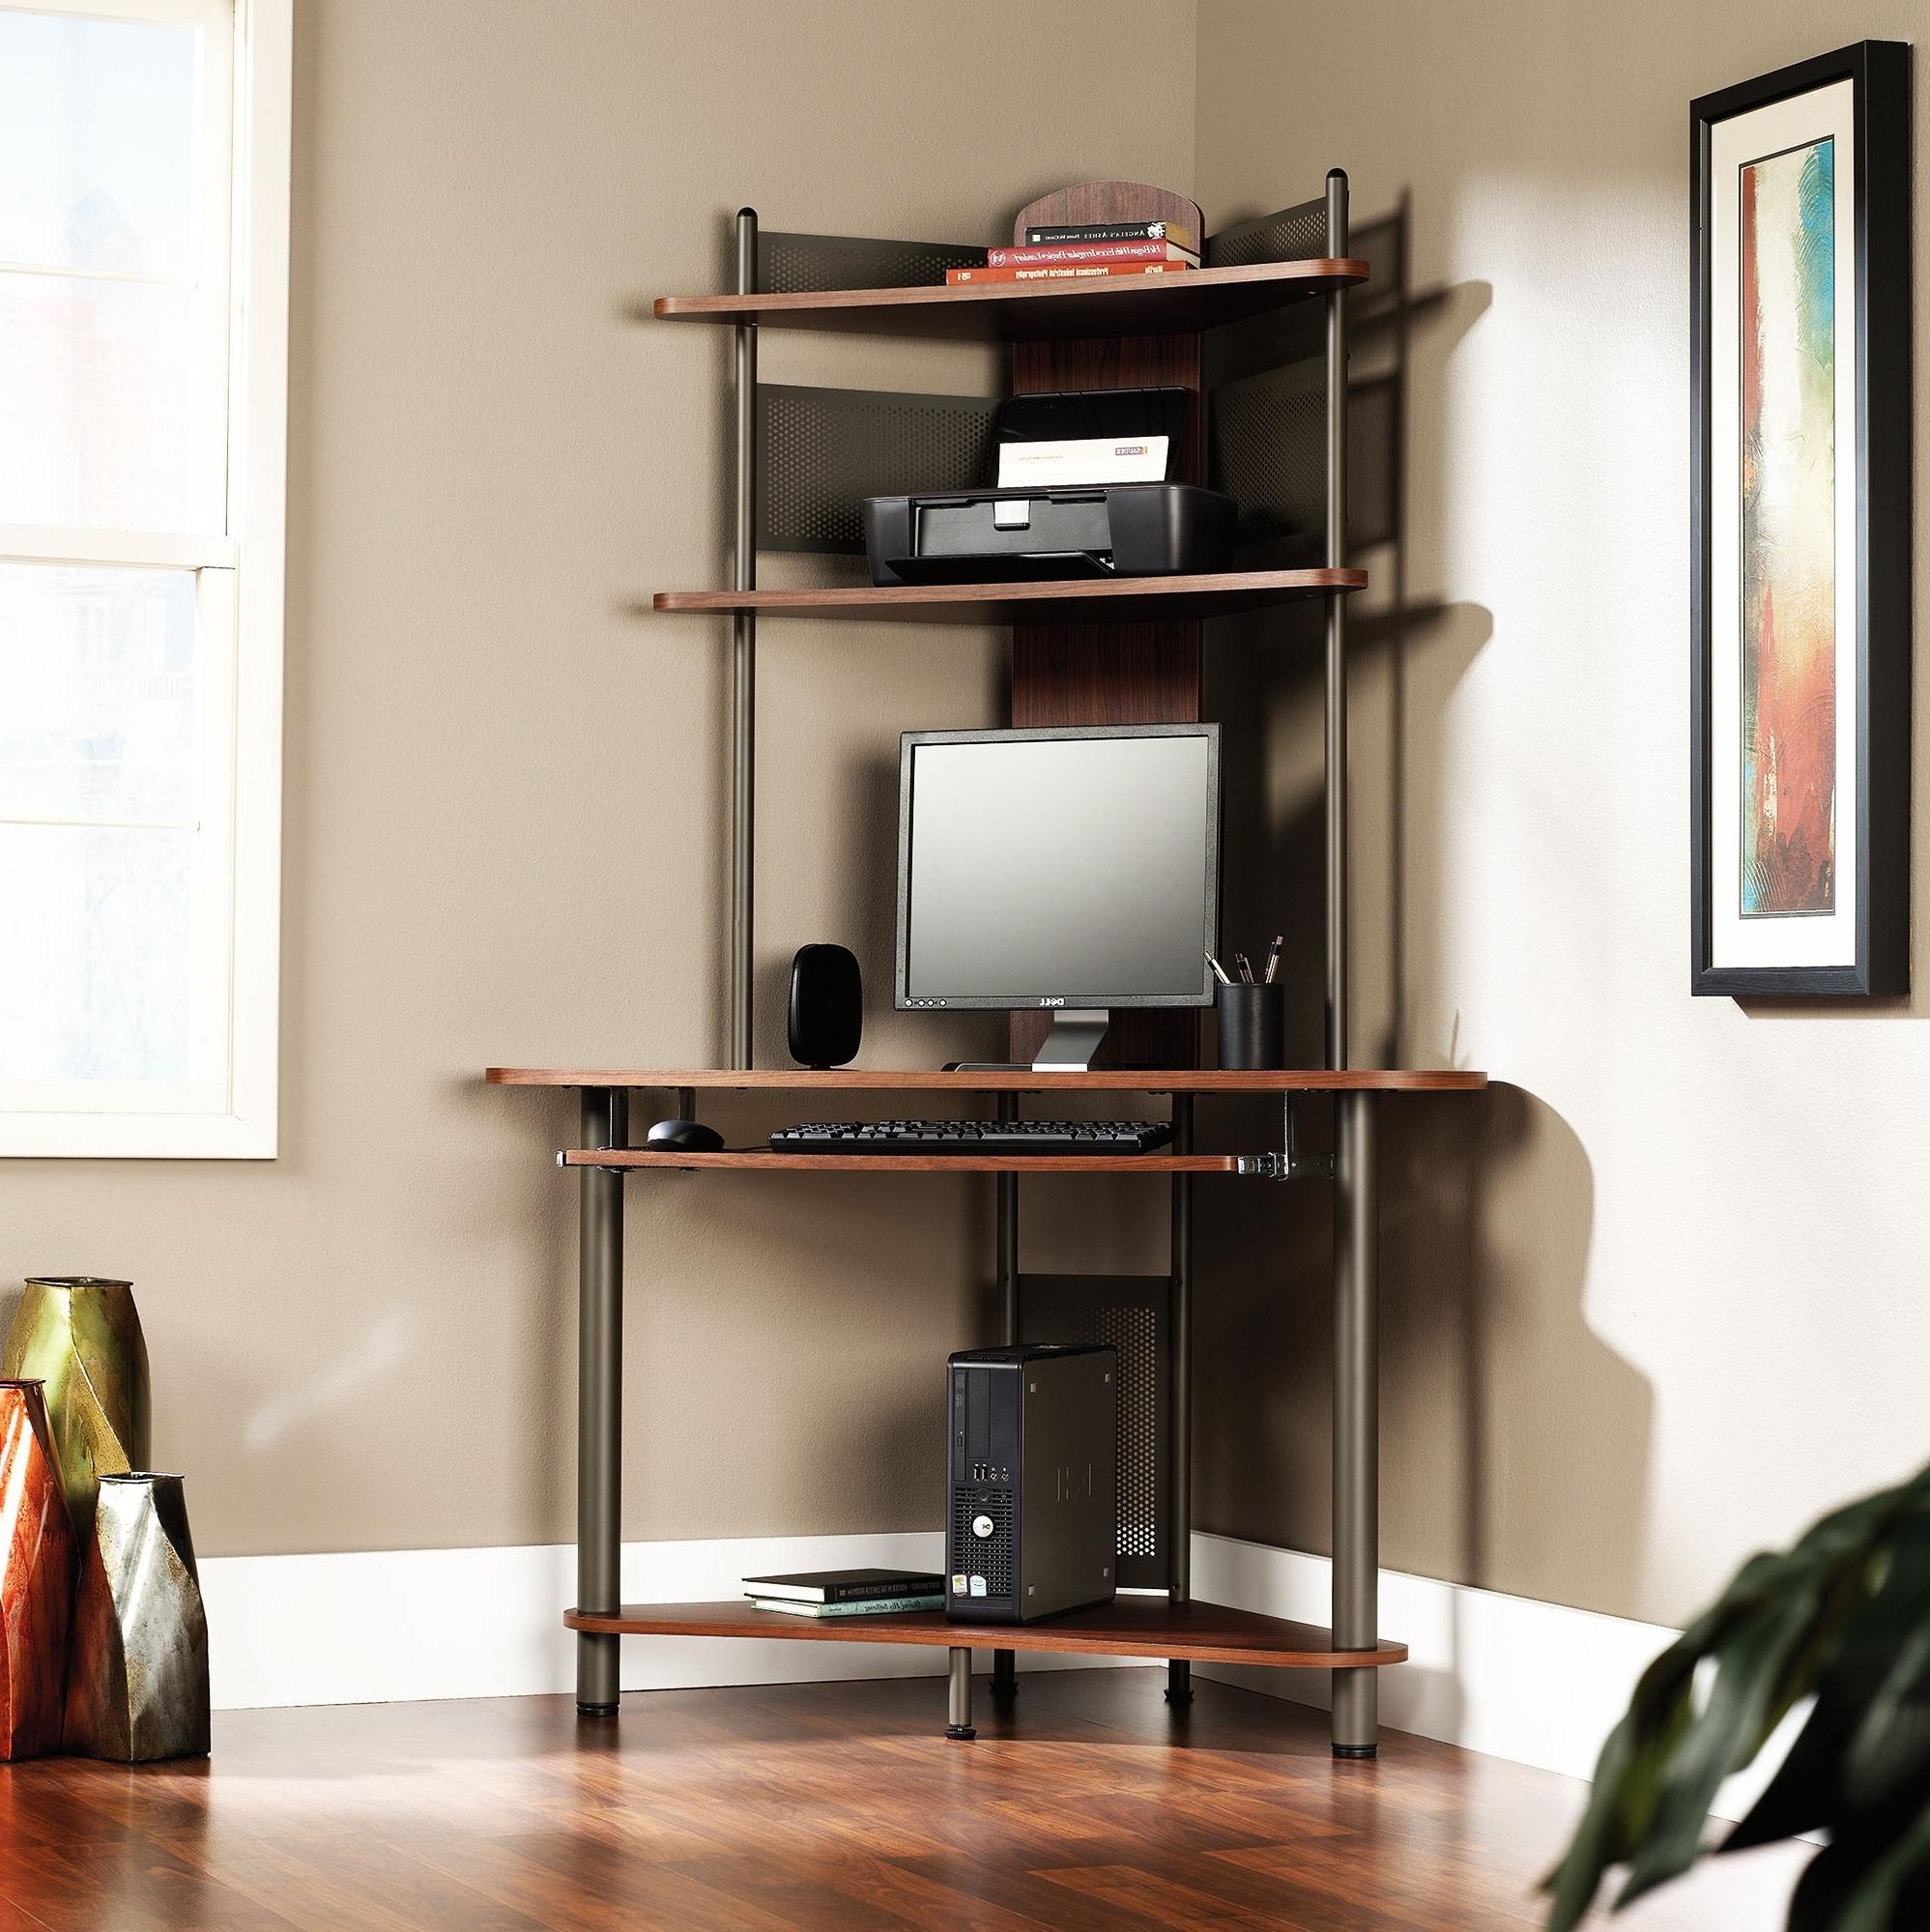 Computer Desks With Printer Shelf Regarding Recent Corner Computer Desk With Printer Shelf • Shelves (View 15 of 20)